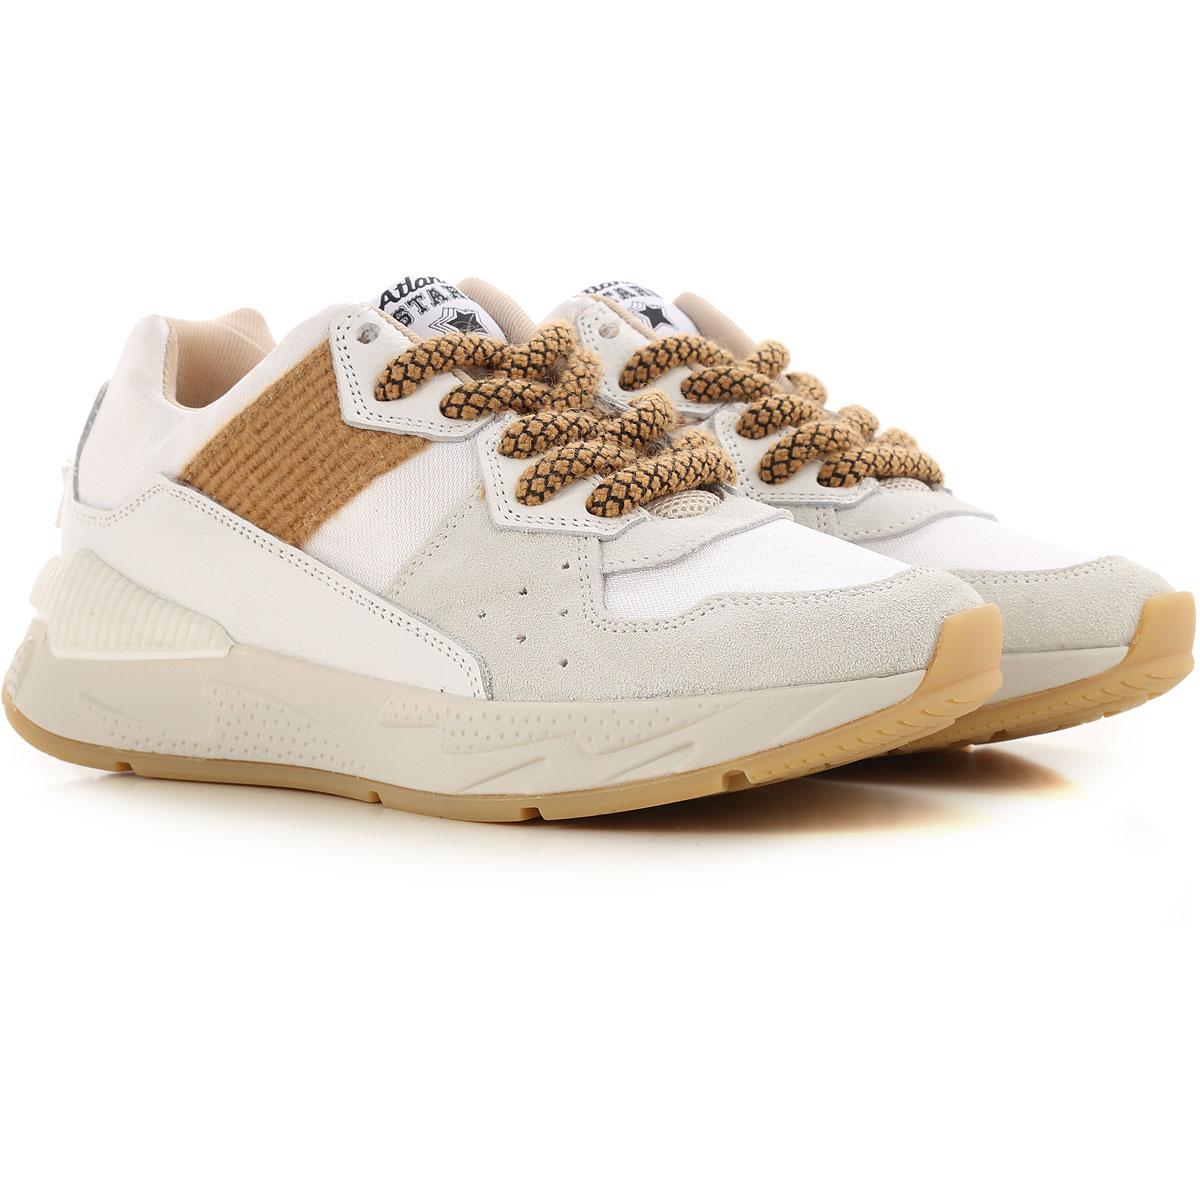 Atlantic Stars Sneakers for Women, White, white, 2019, 6 7